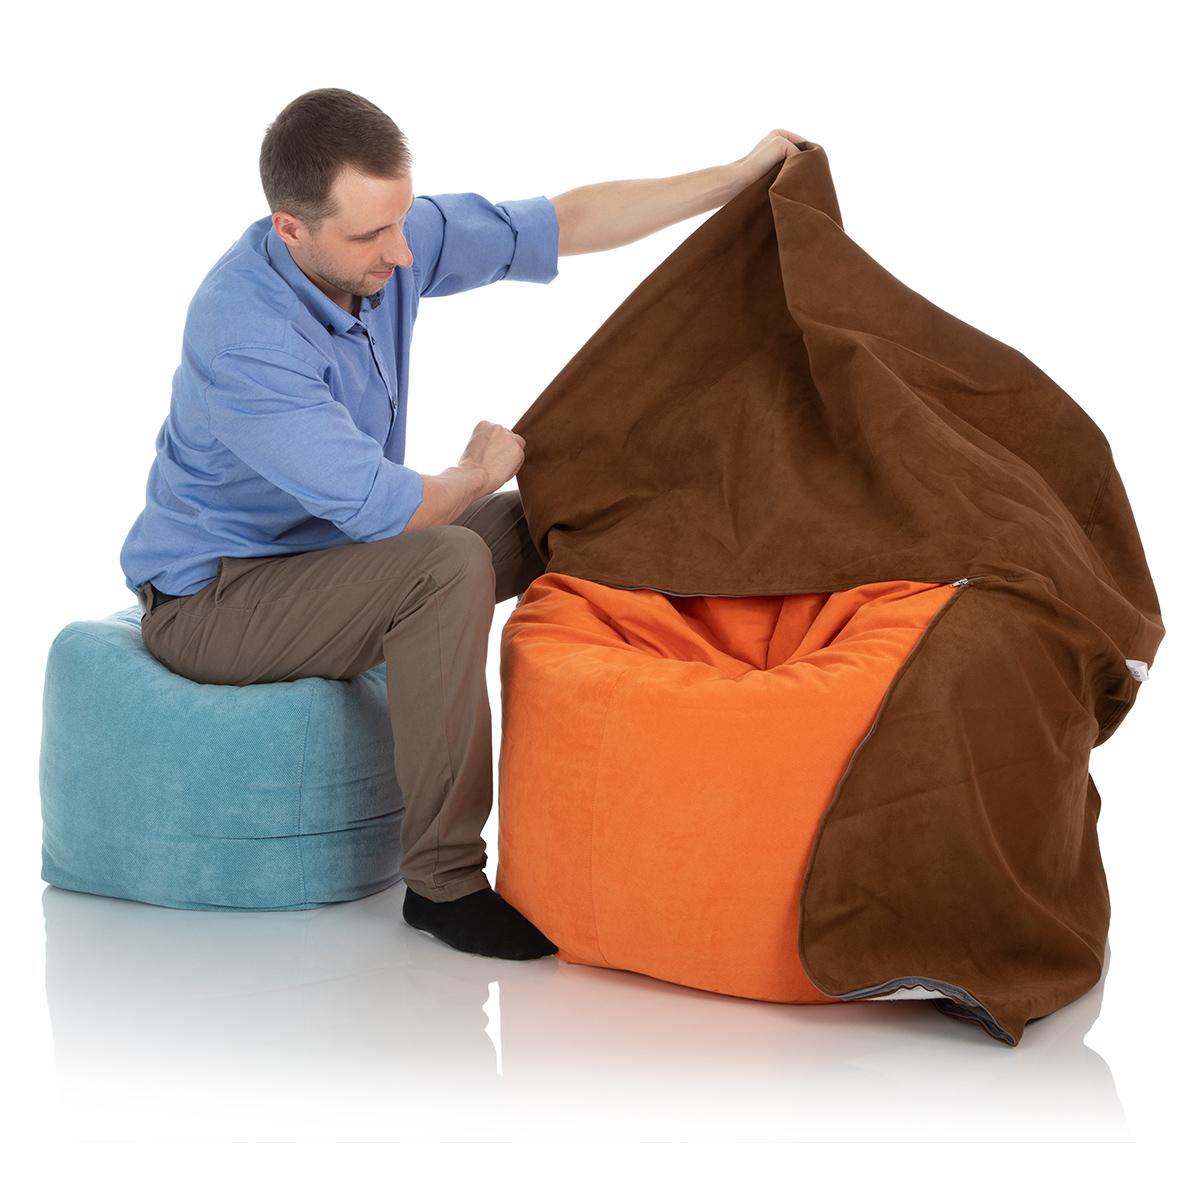 Sitzsack Außenhülle braun wird über einen 300-Liter Sitzsack gezogen